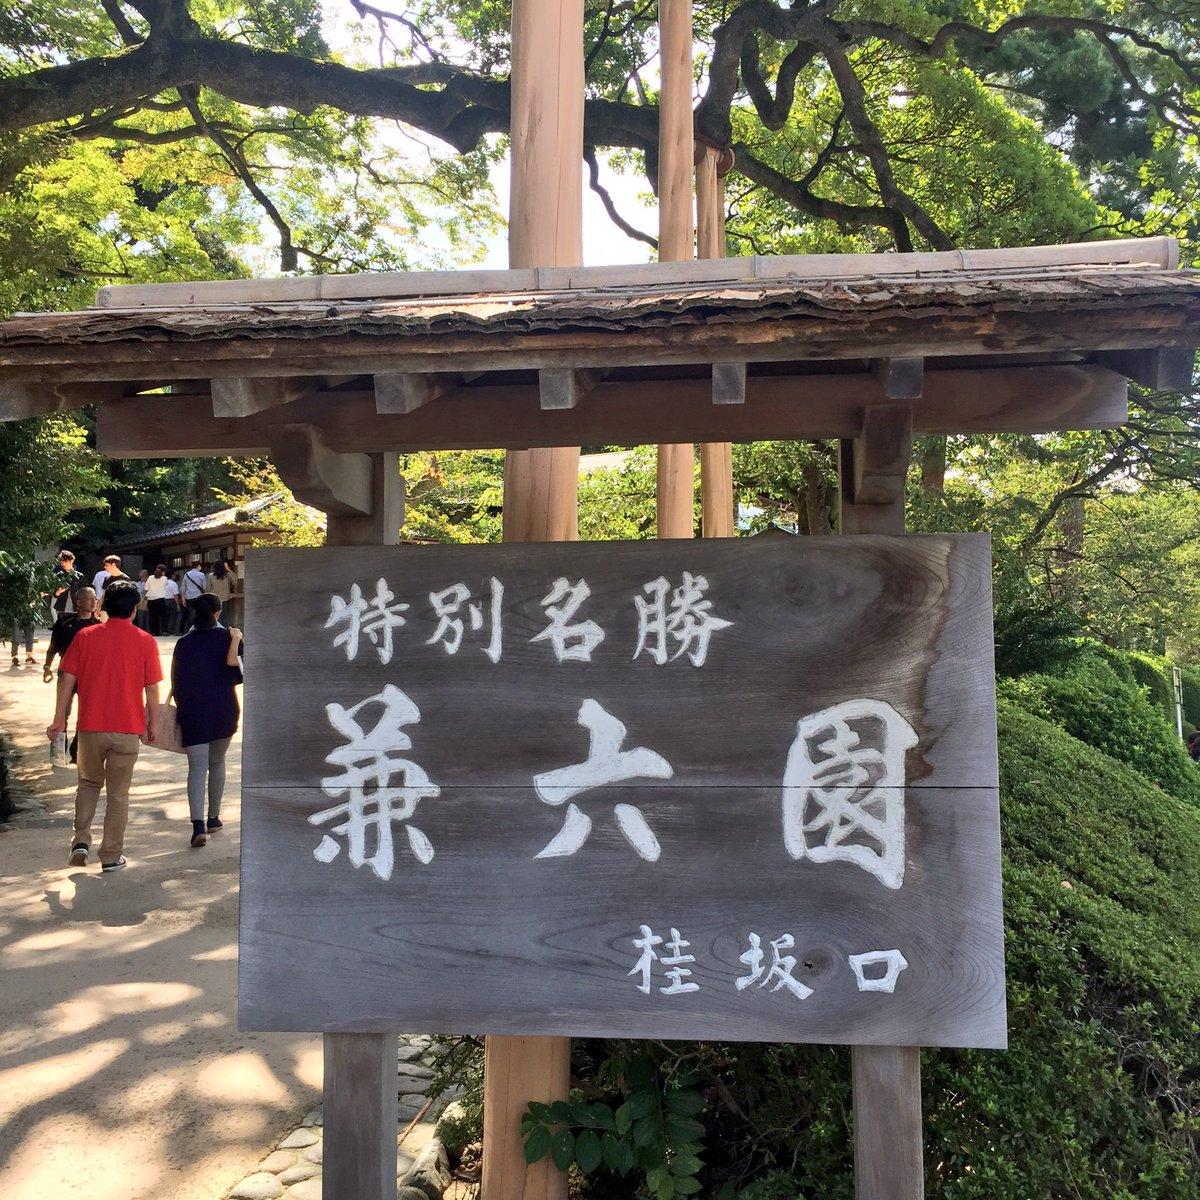 hiroyomatsumoto photo